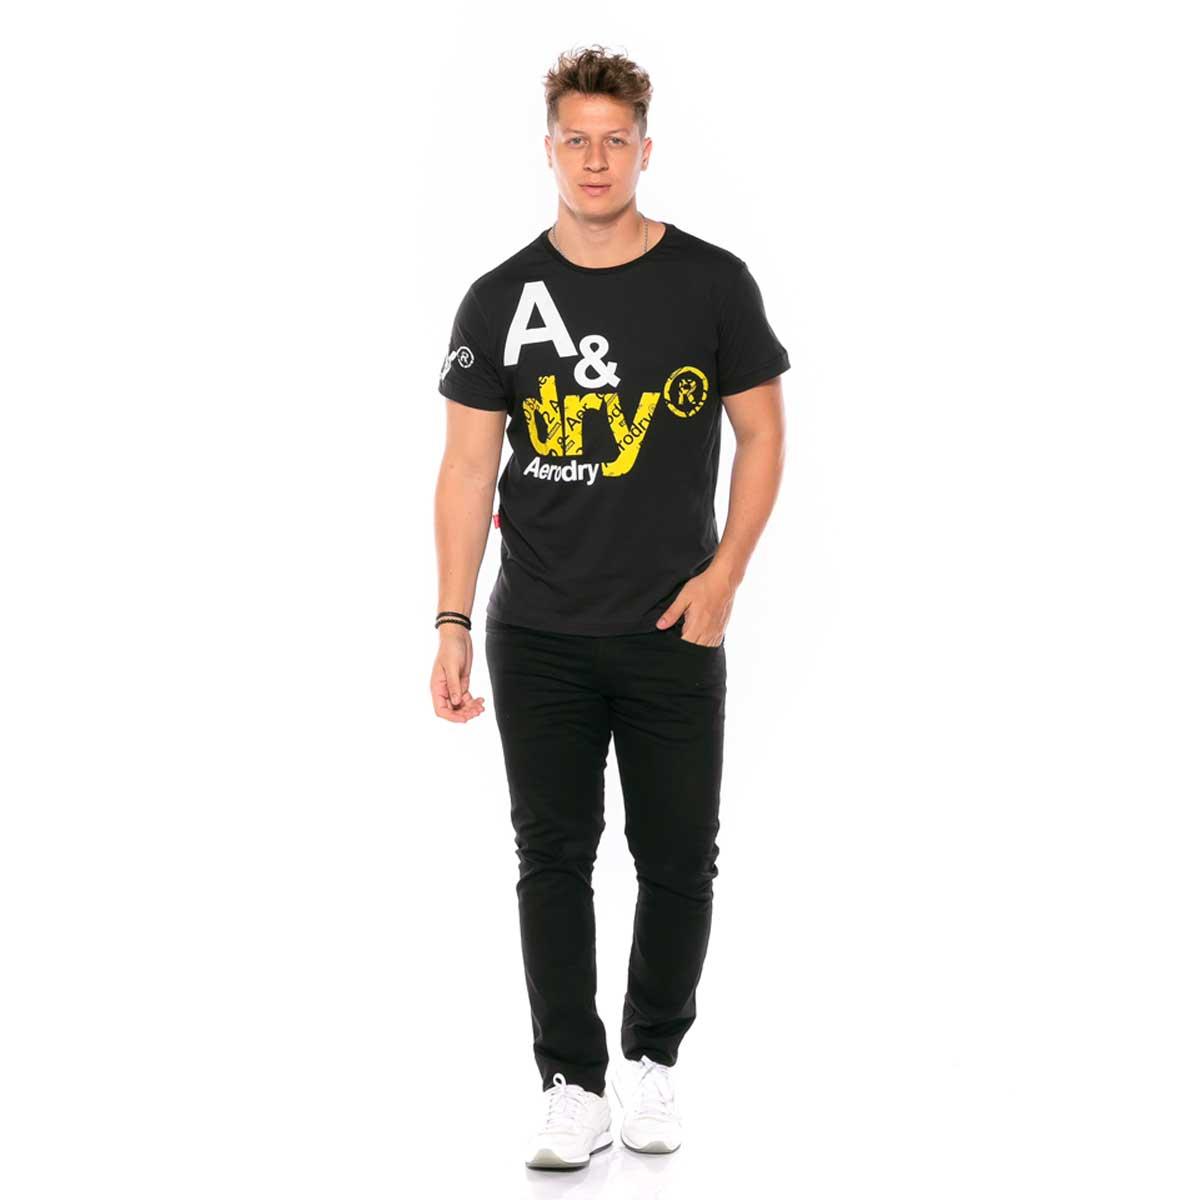 Camiseta em Meia Malha com estampa em relevo Aerodry